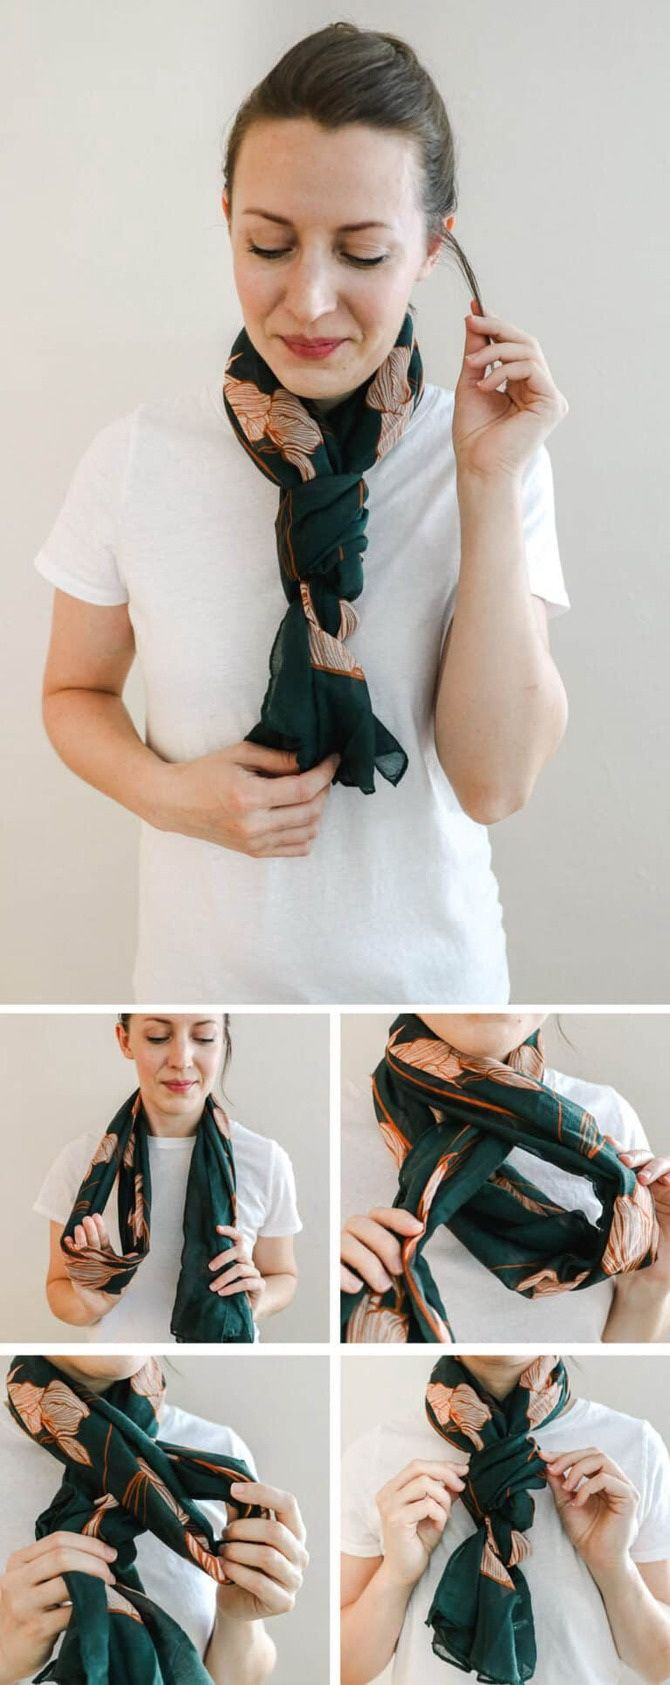 Как красиво завязать шарф: 19 лучших способов 1